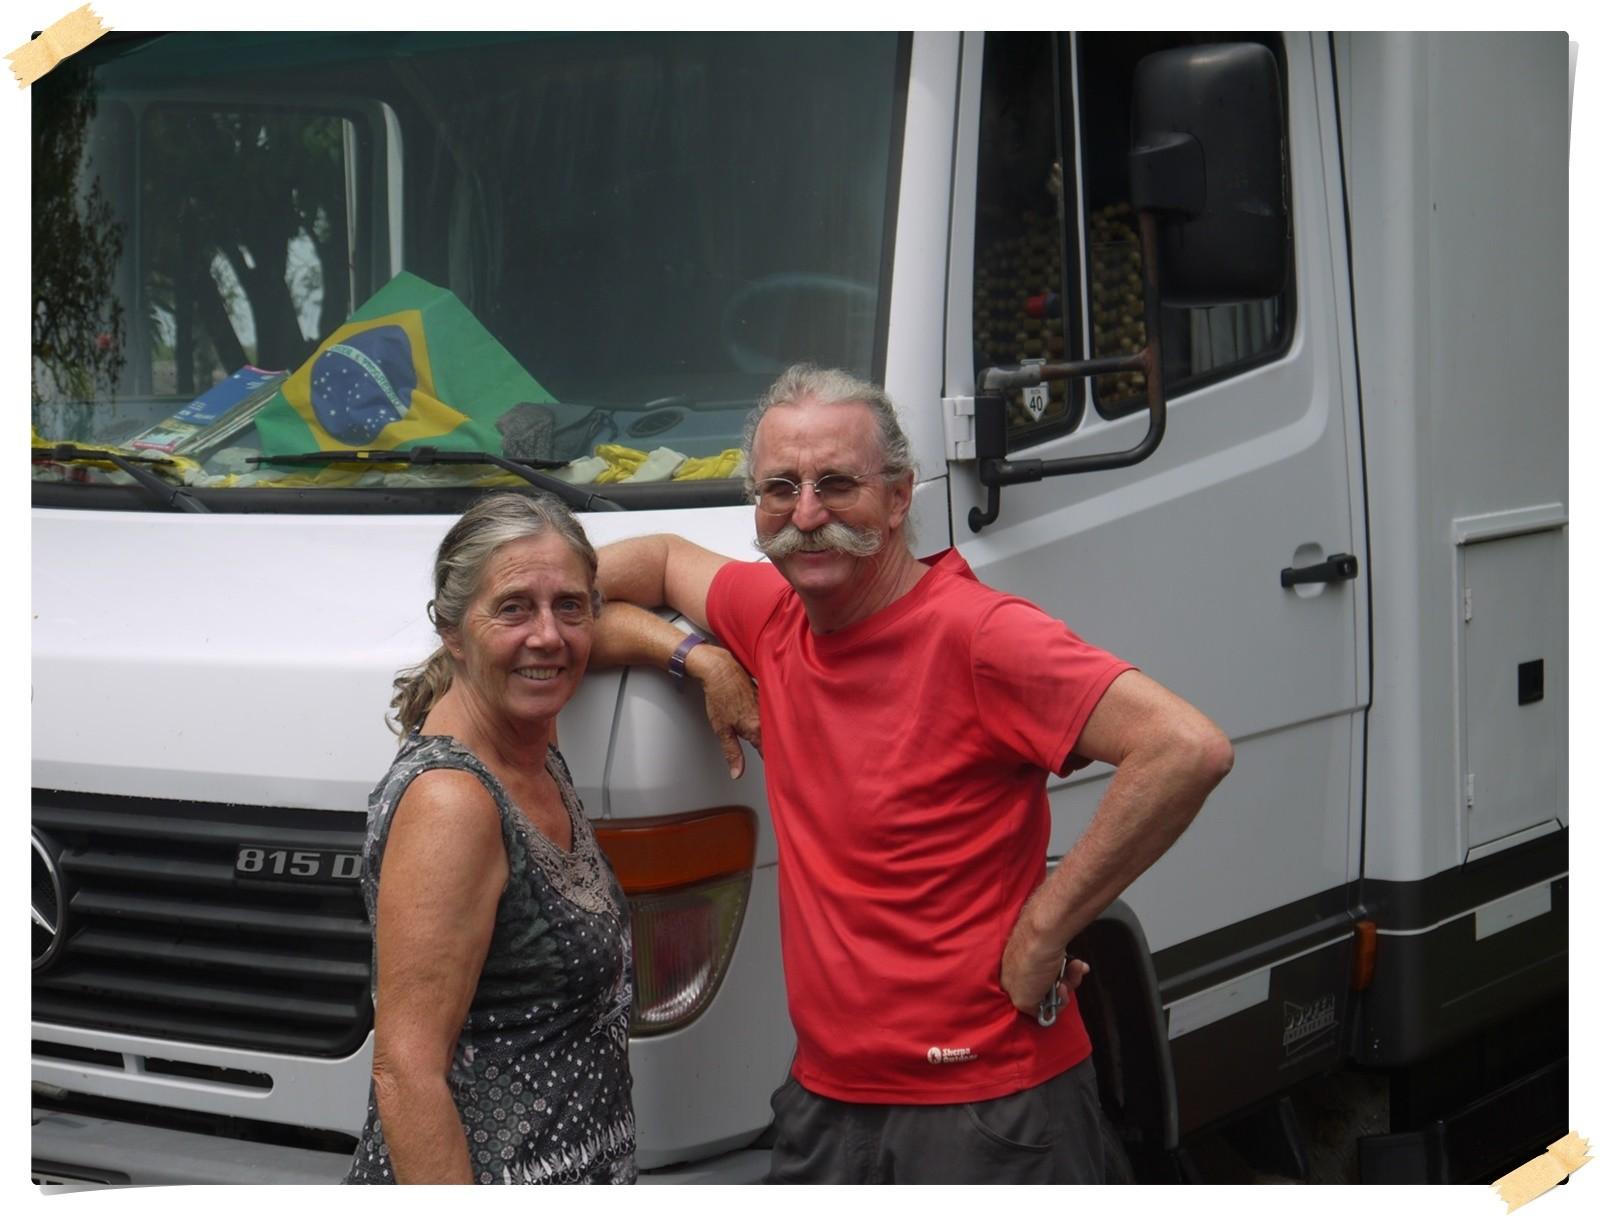 Hans und Doris waren 3 1/2 Jahre in Südamerika unterwegs, jetzt gehts heim.